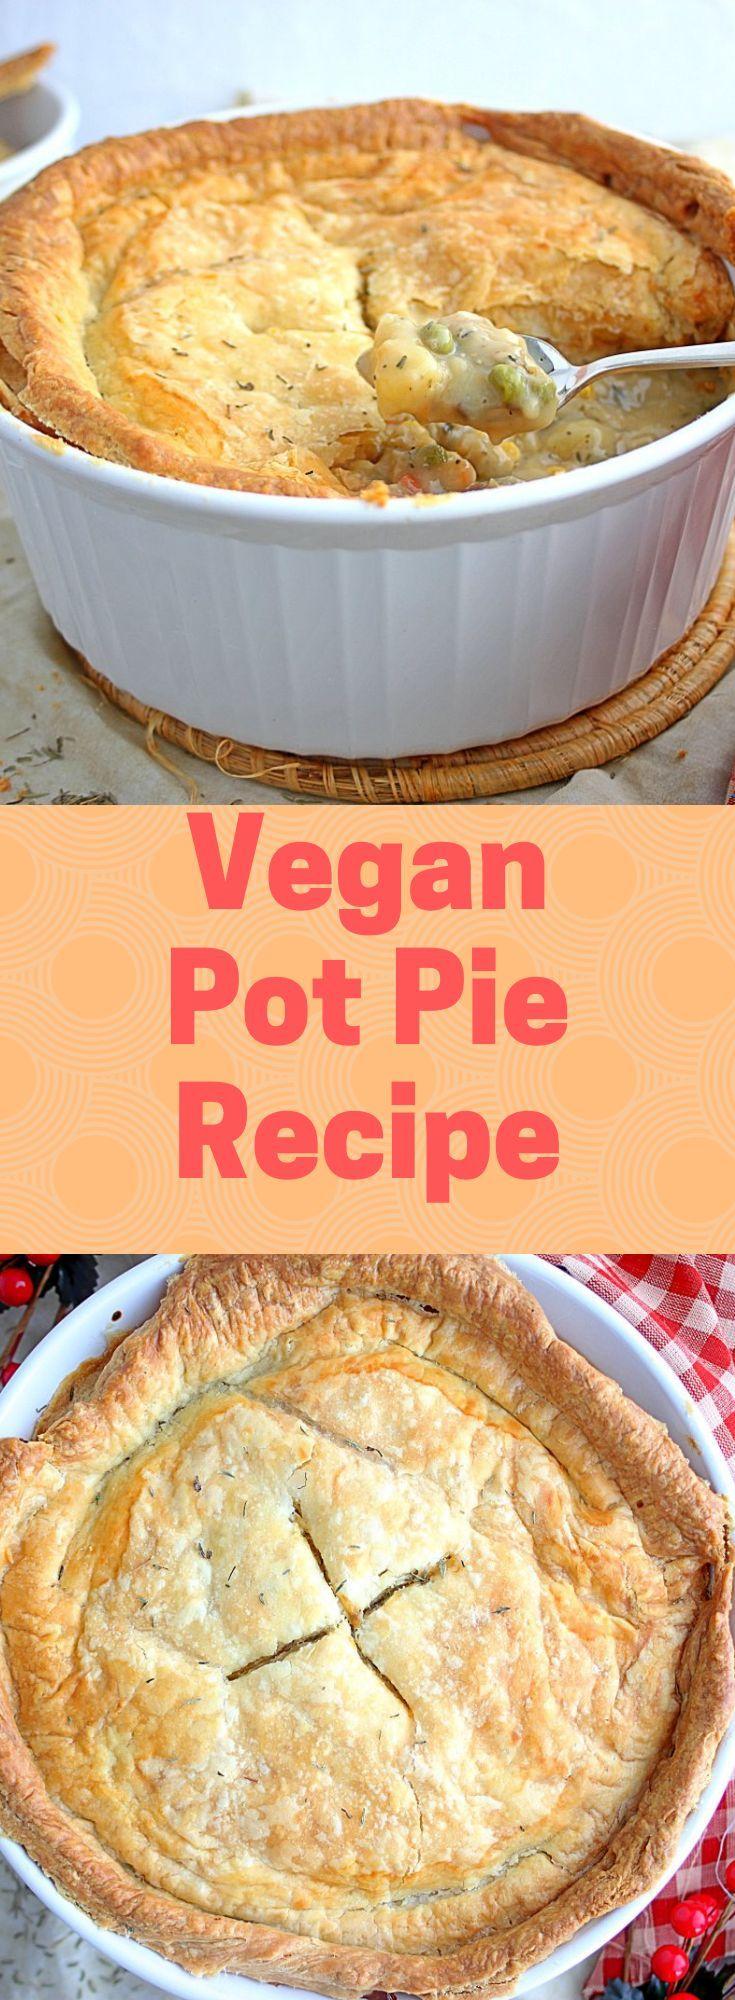 Vegan Pot Pie This comforting vegan meal has a del